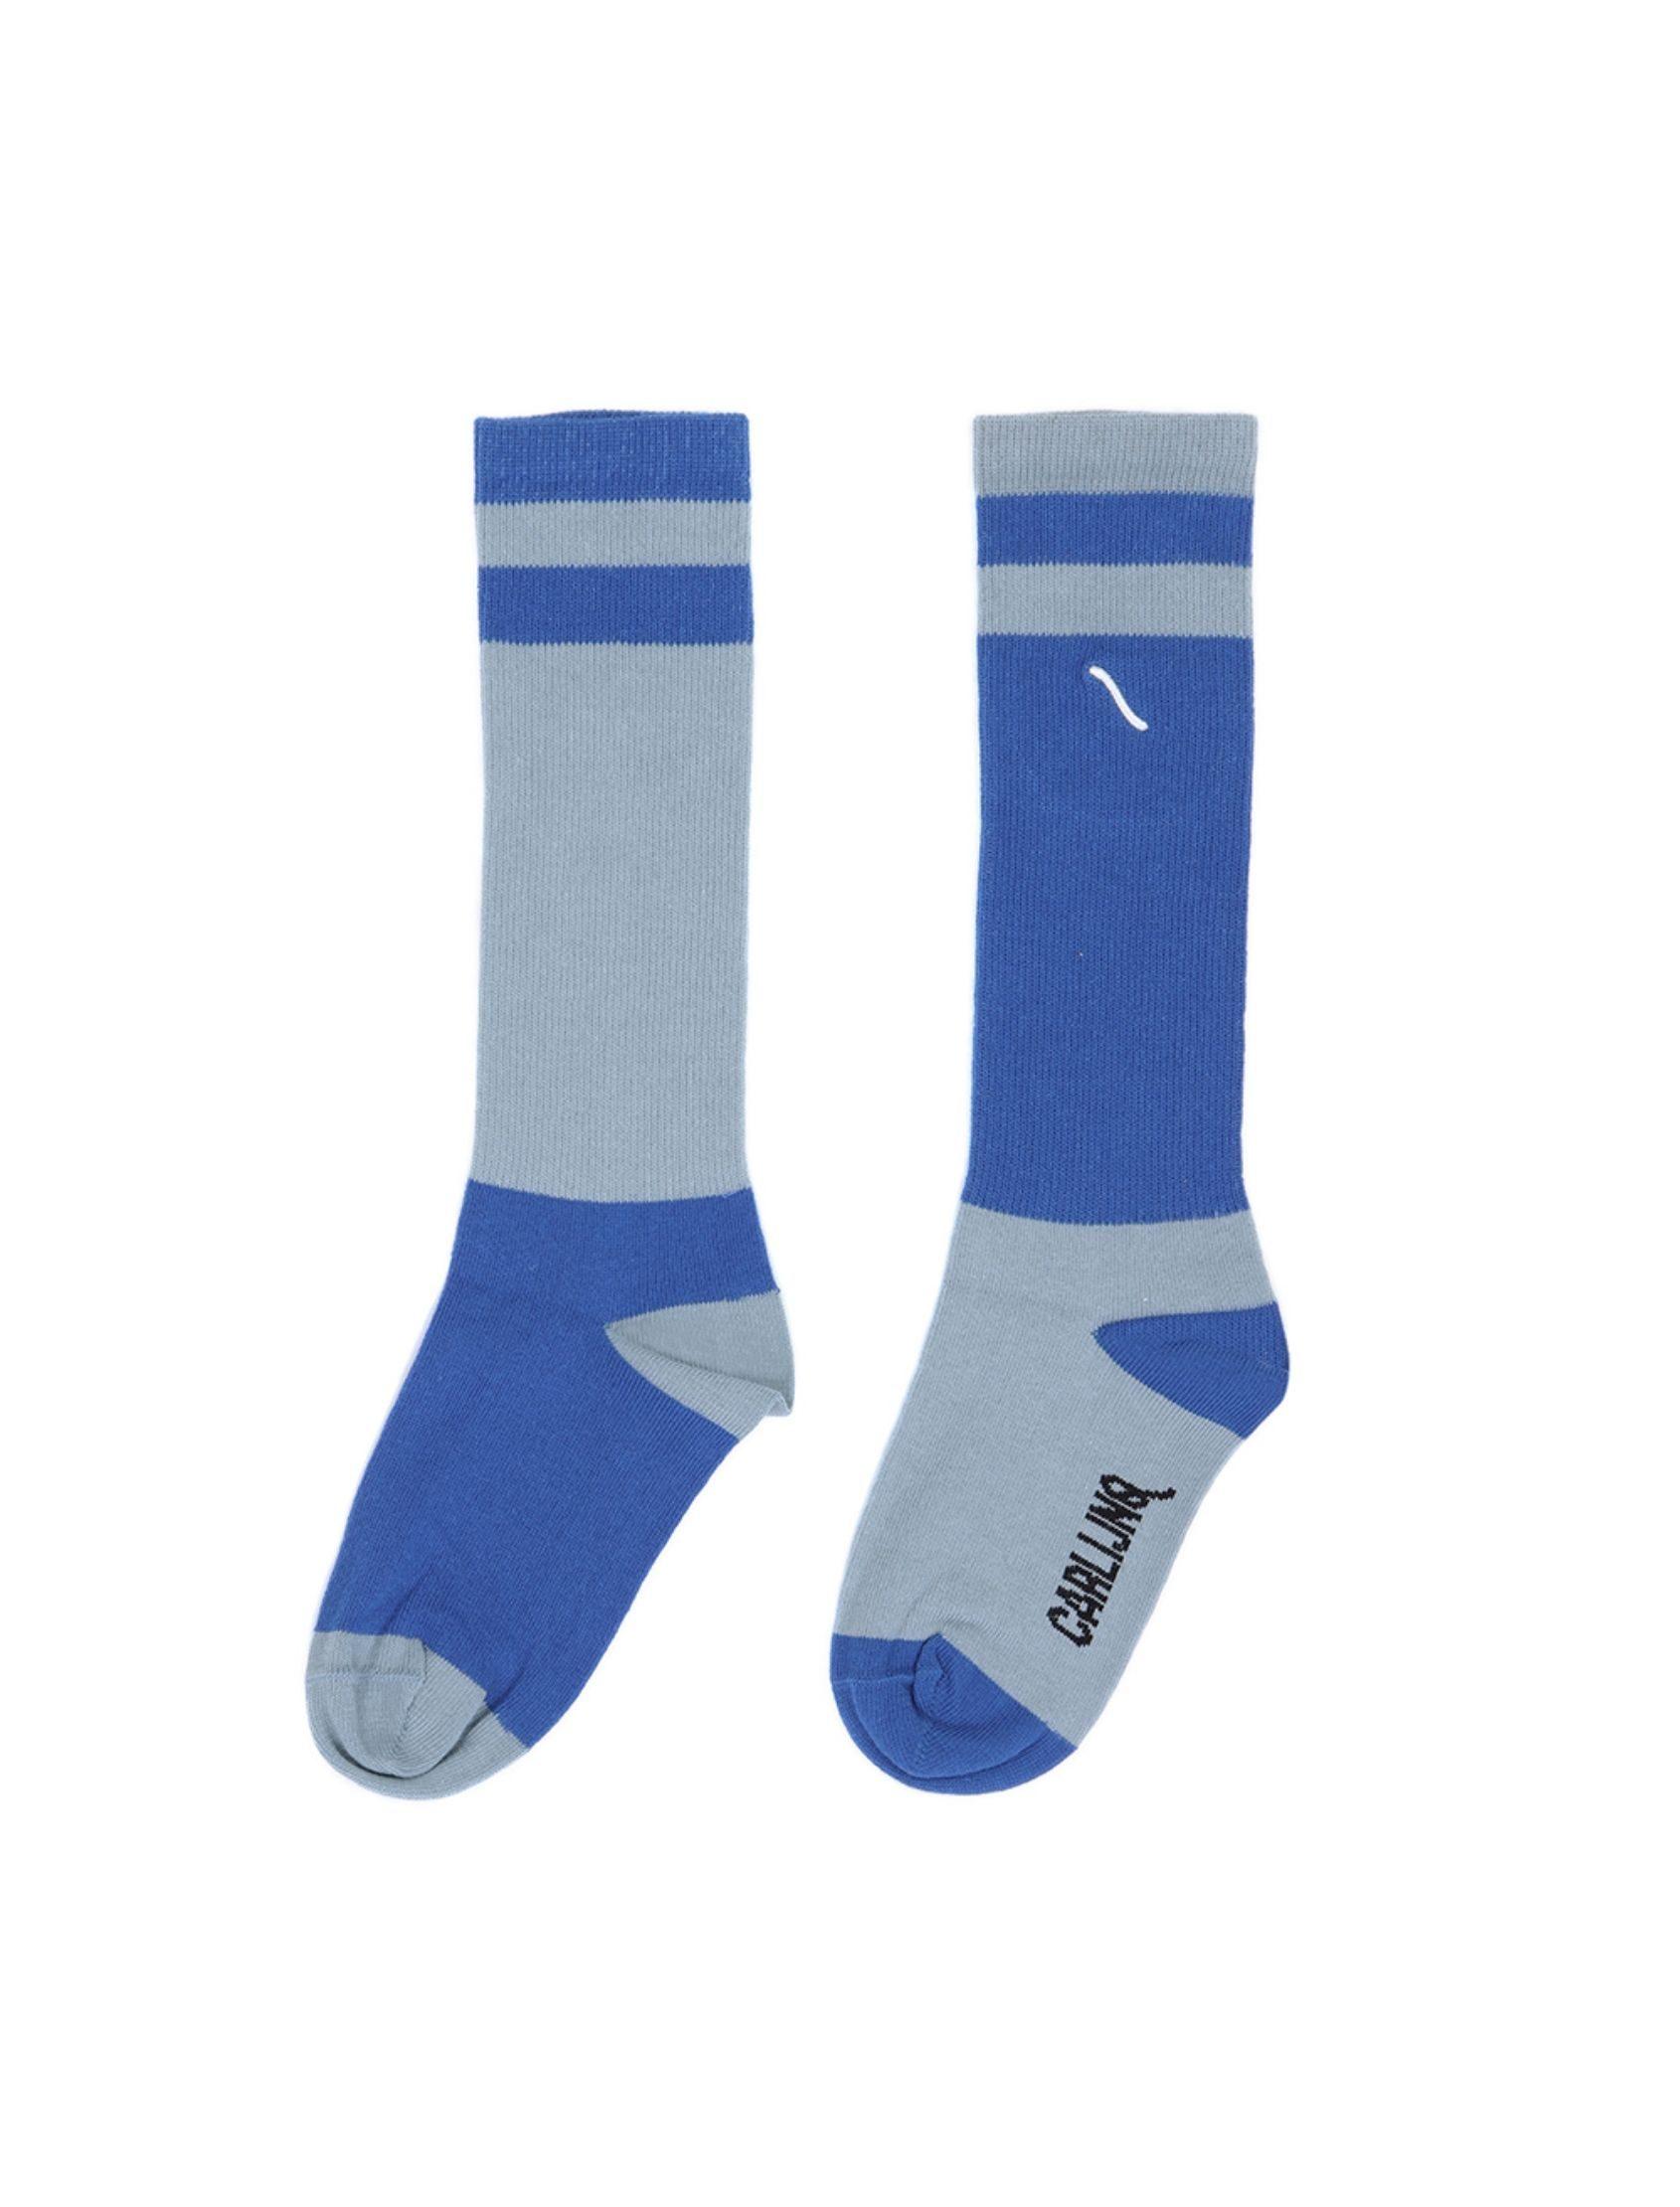 calcetines de niño y niña light blue blue con combinación de colores en azul